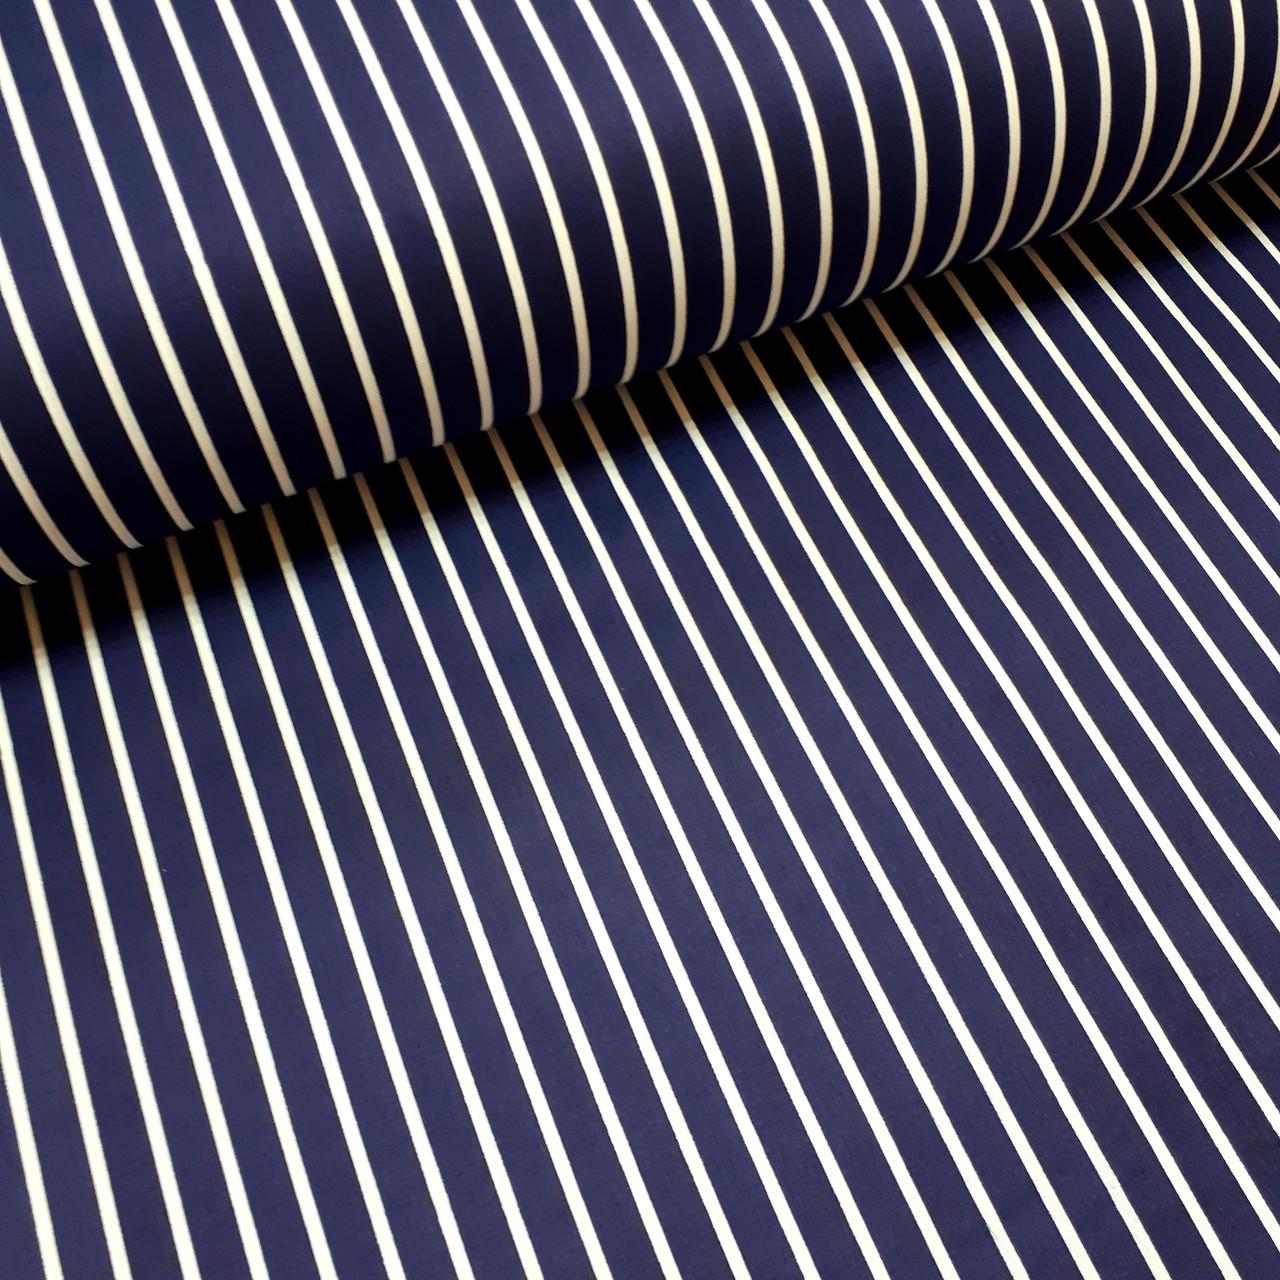 Ткань поплин белая полоска на темно-синем (ТУРЦИЯ шир. 2,4 м) №32-70